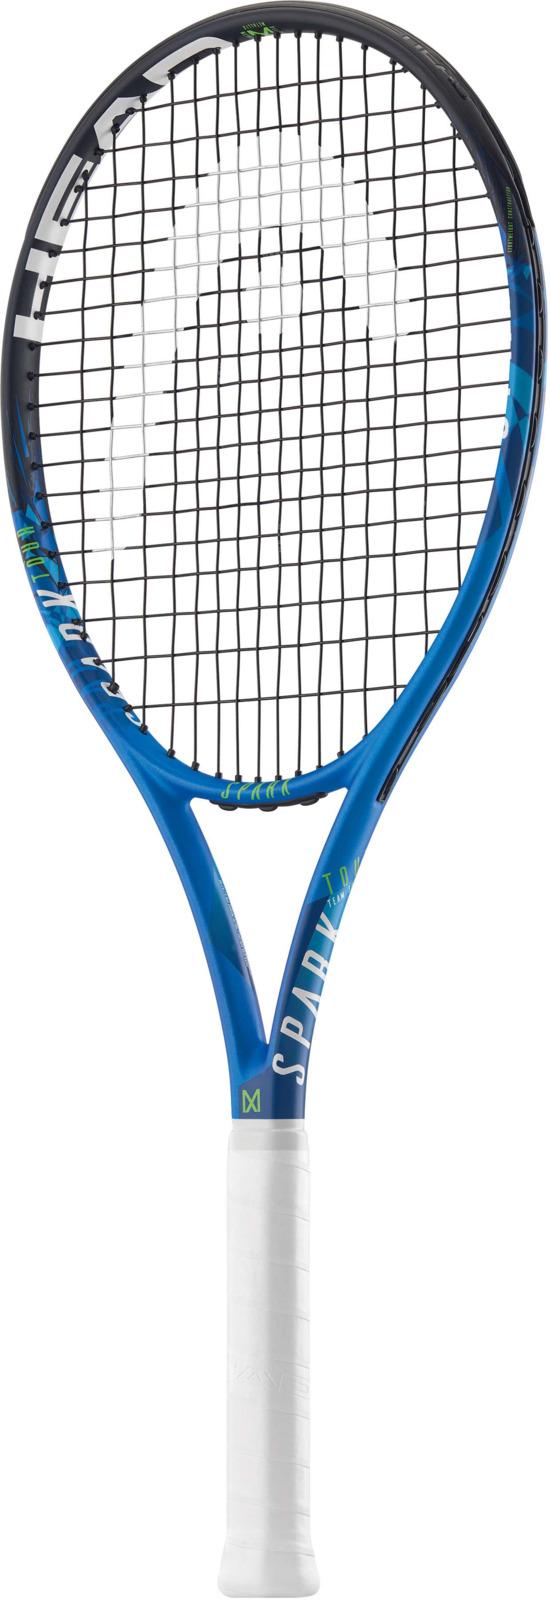 Ракетка теннисная Head MX Spark Tour, синий, ручка 2 лян цзянь бадминтон ракетка давление точка киль ручной работы теннисная ракетка пот полосатая рыба полюс ручка кожа синий 1